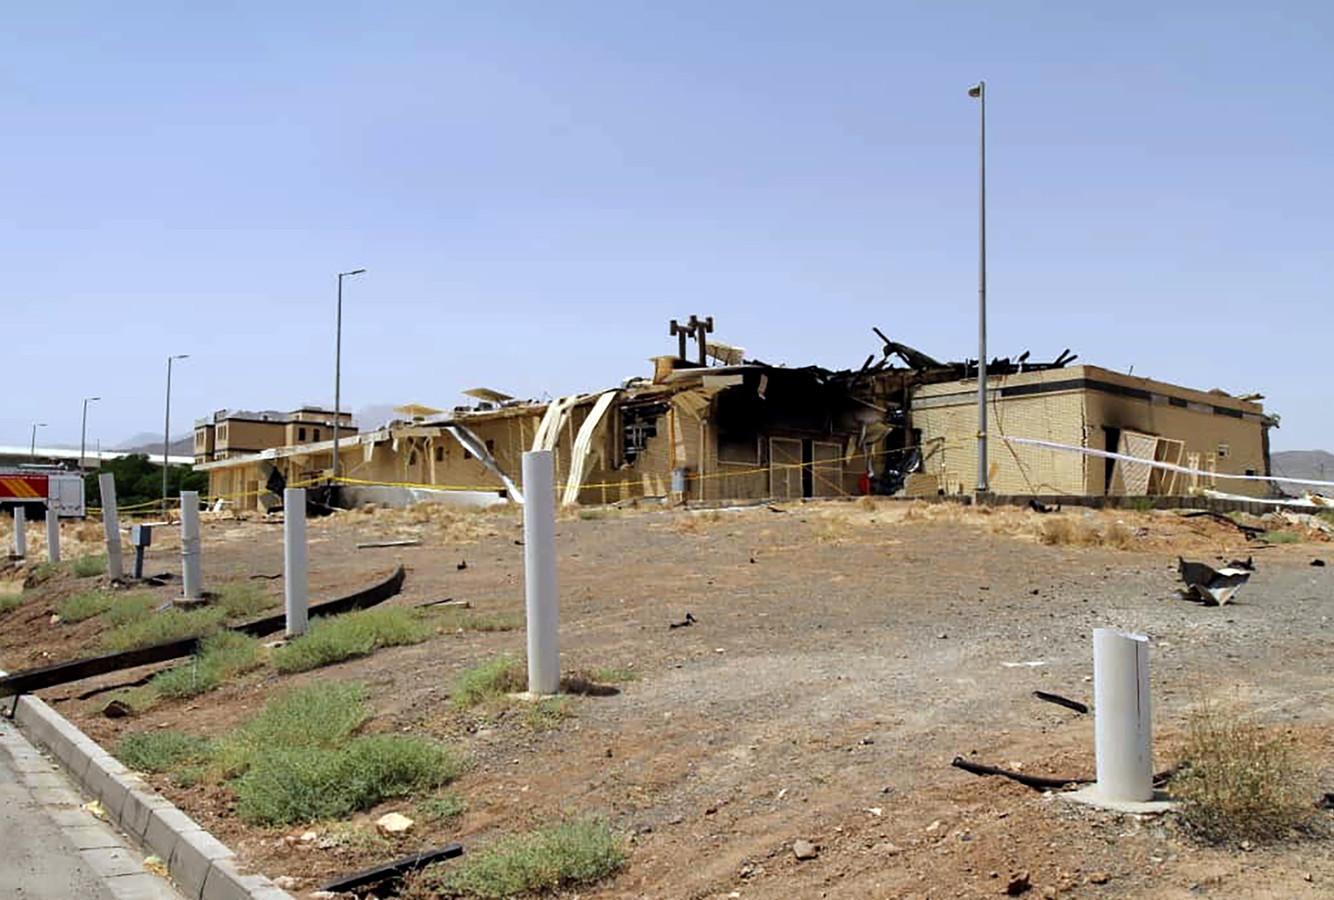 Beelden van de schade in Natanz zijn vrijgegeven door de Iraanse autoriteiten.